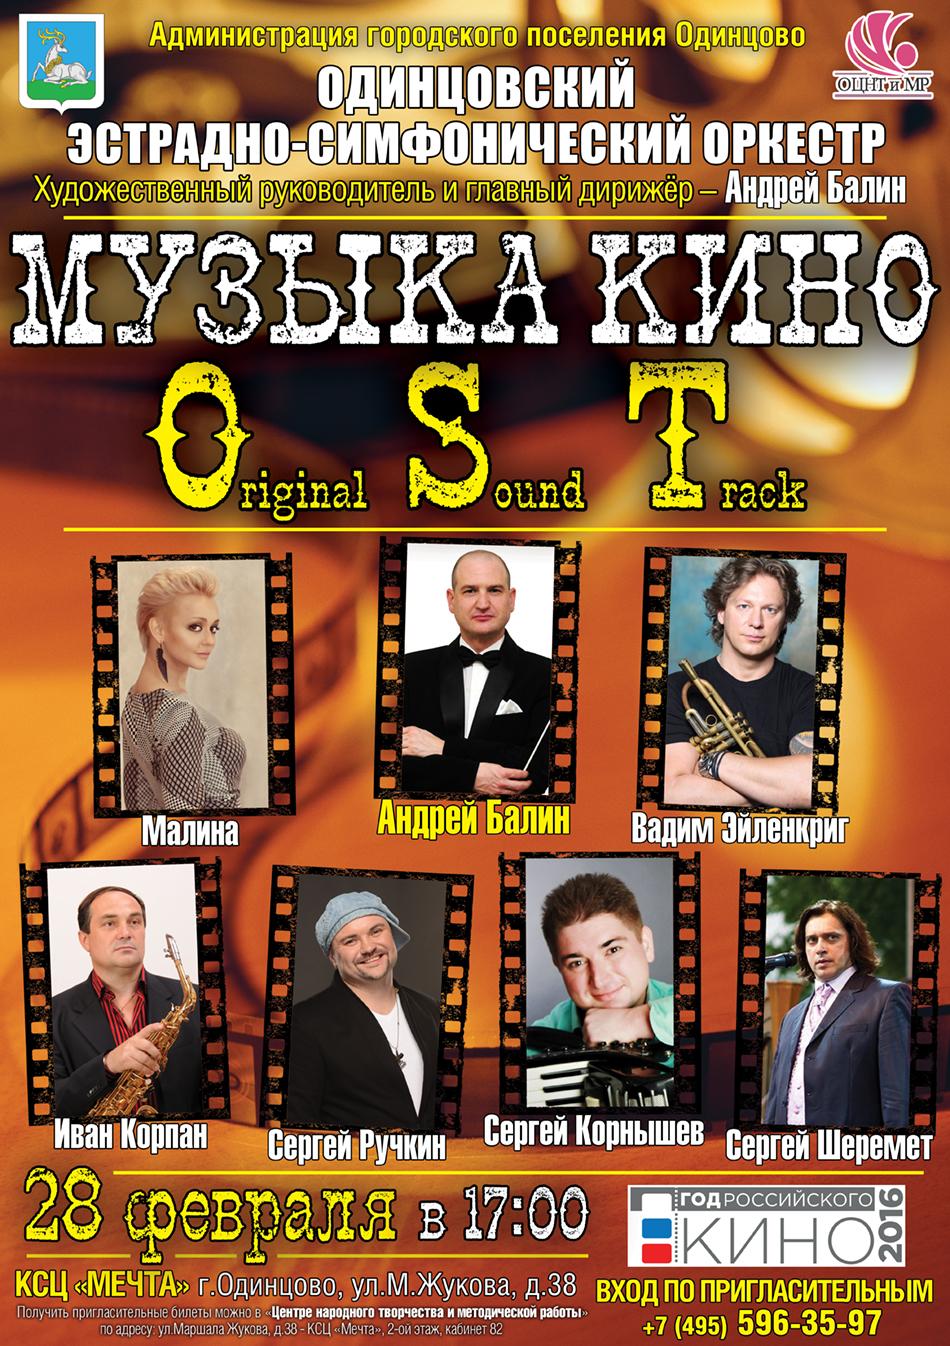 Музыка в кино, концерт, Одинцово